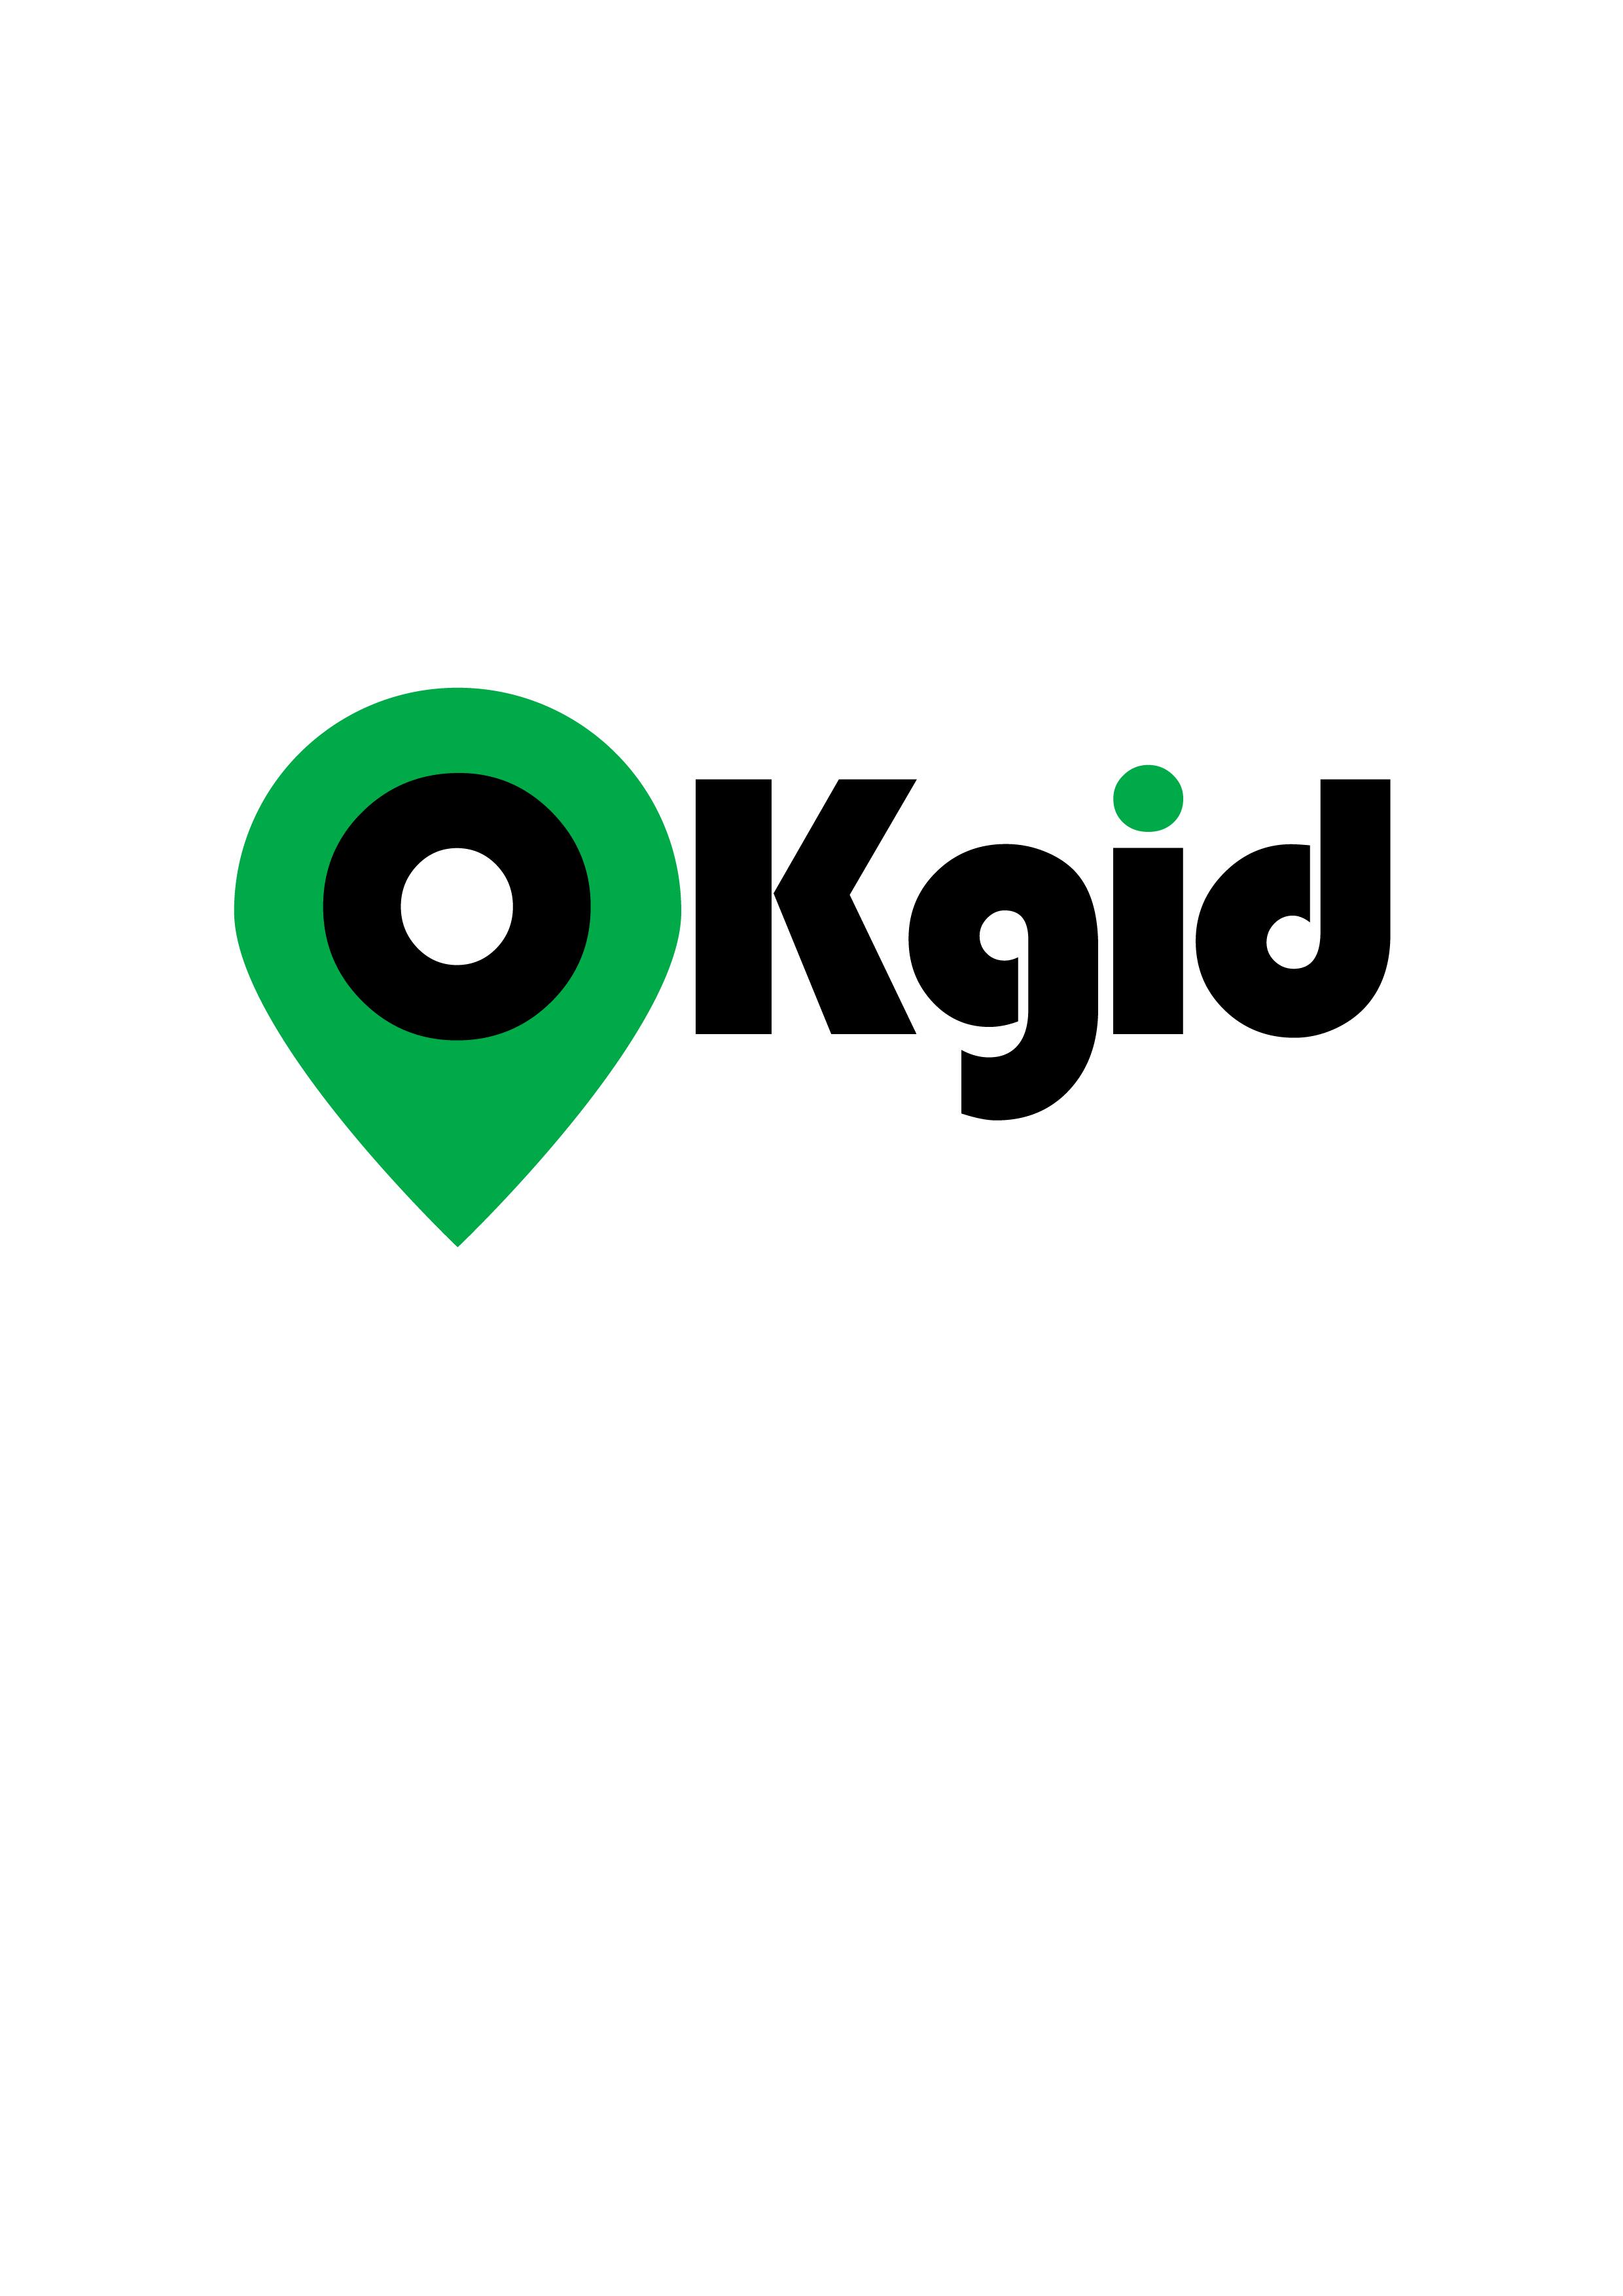 Логотип для сайта OKgid.ru фото f_43657cd4997b1a3c.jpg